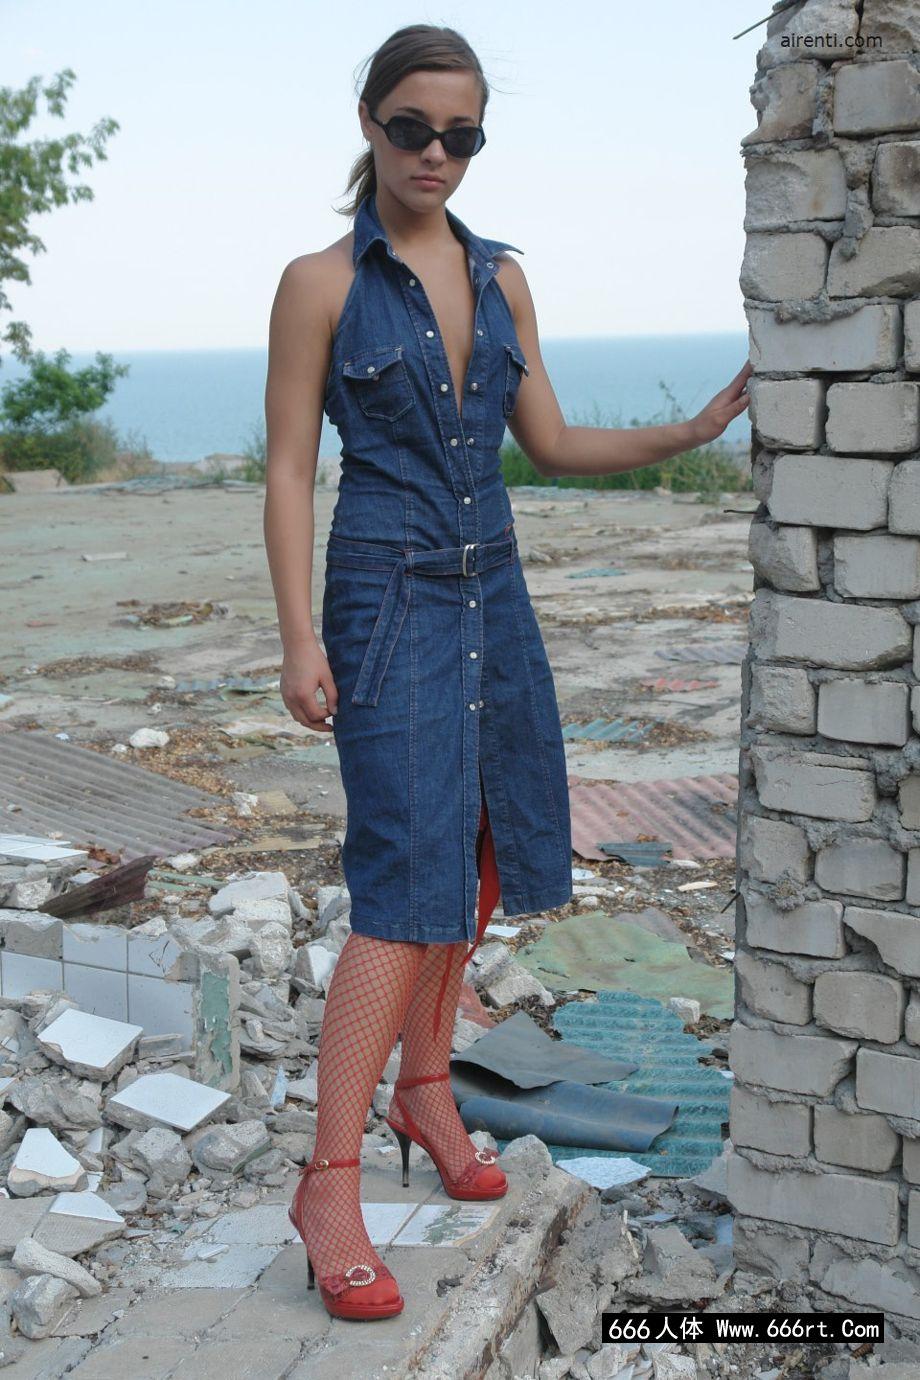 欧洲名模玛吉身穿渔网装外拍人体艺术